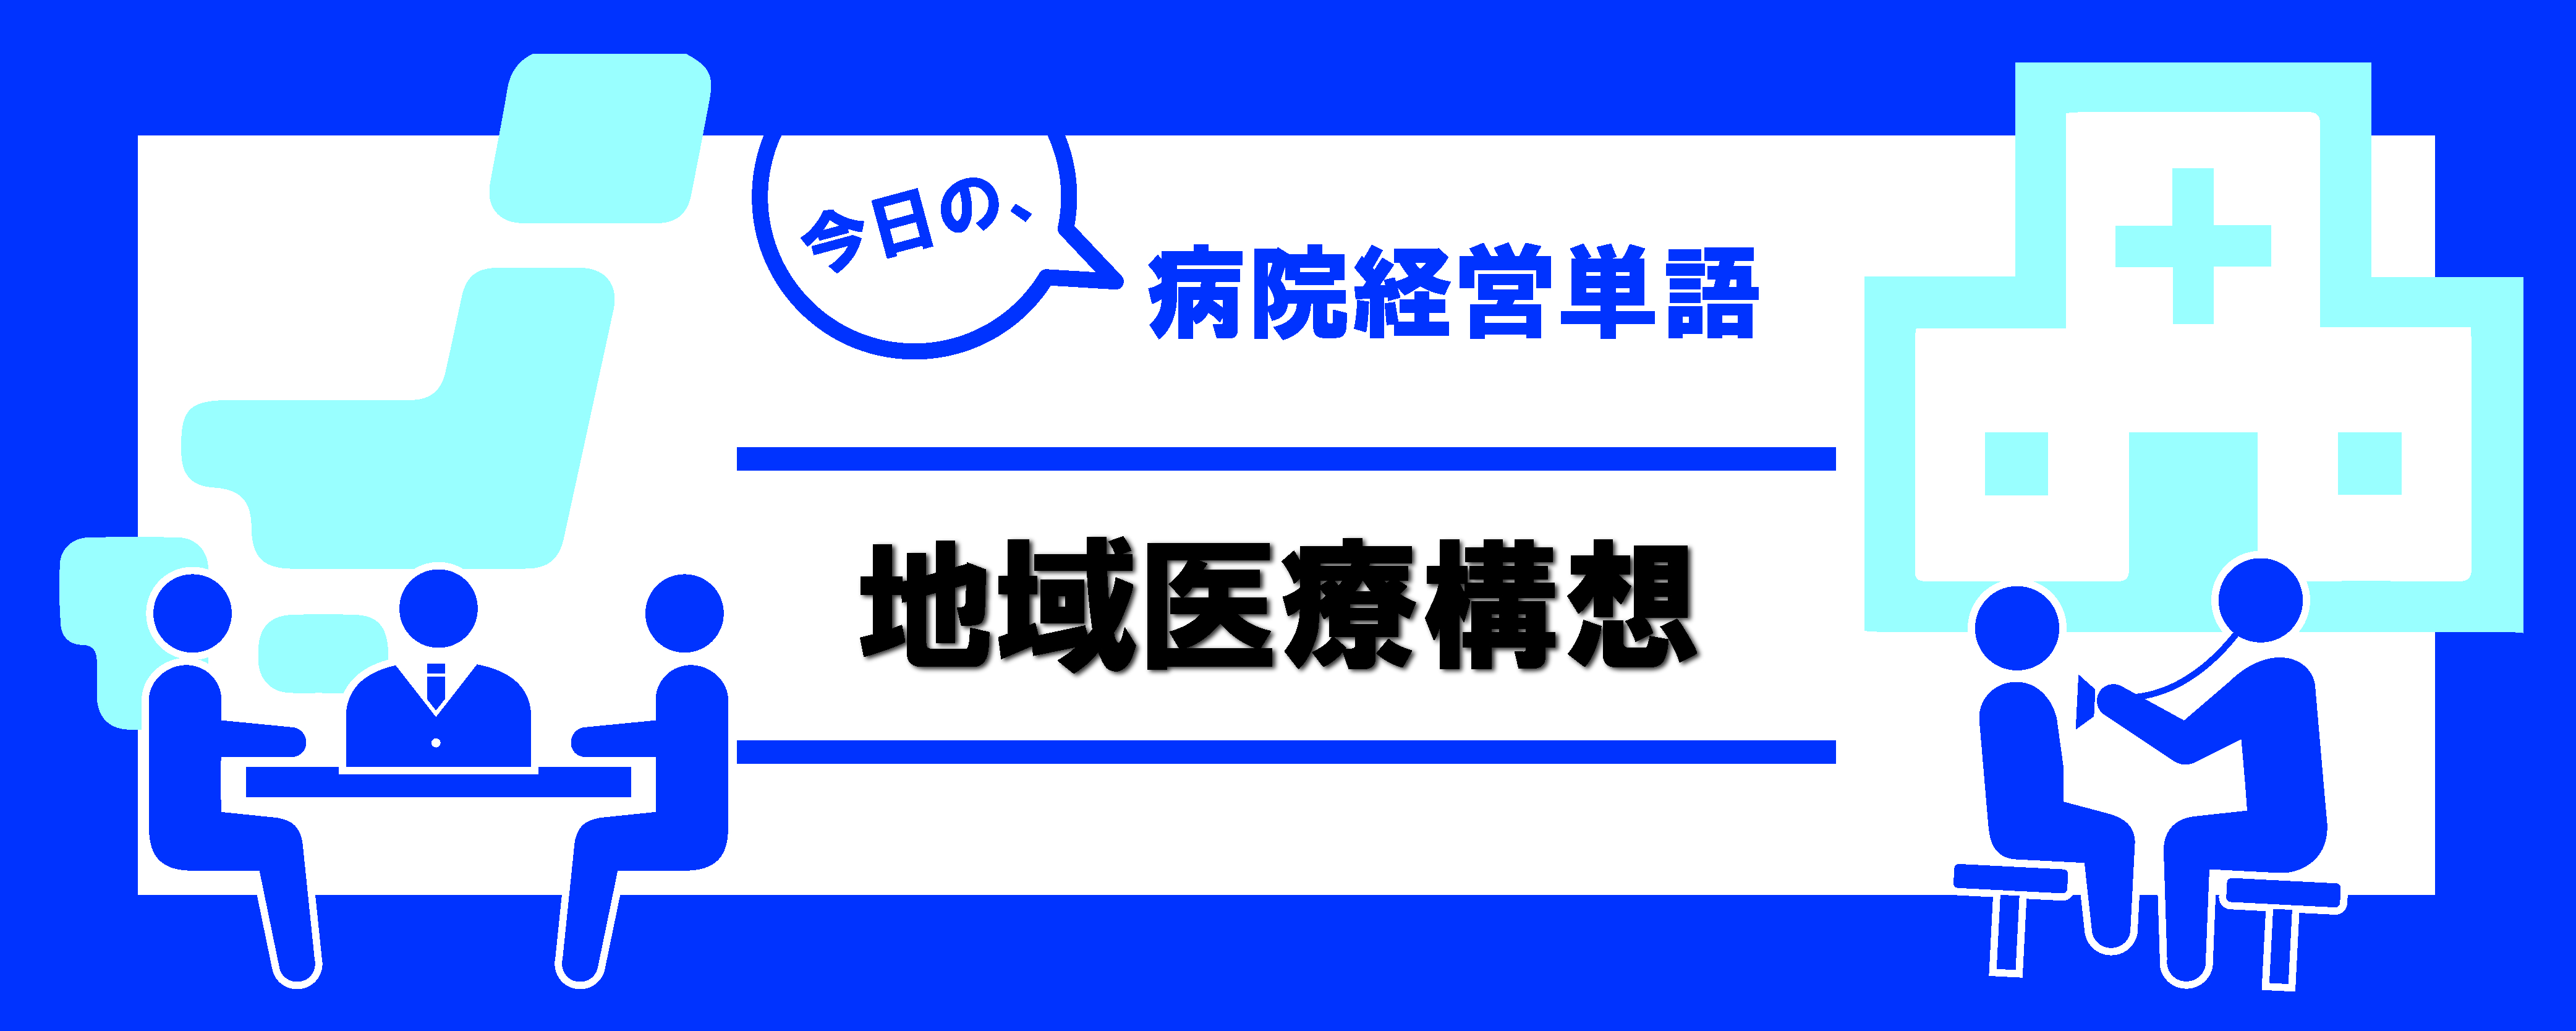 91.経営単語_記事画像